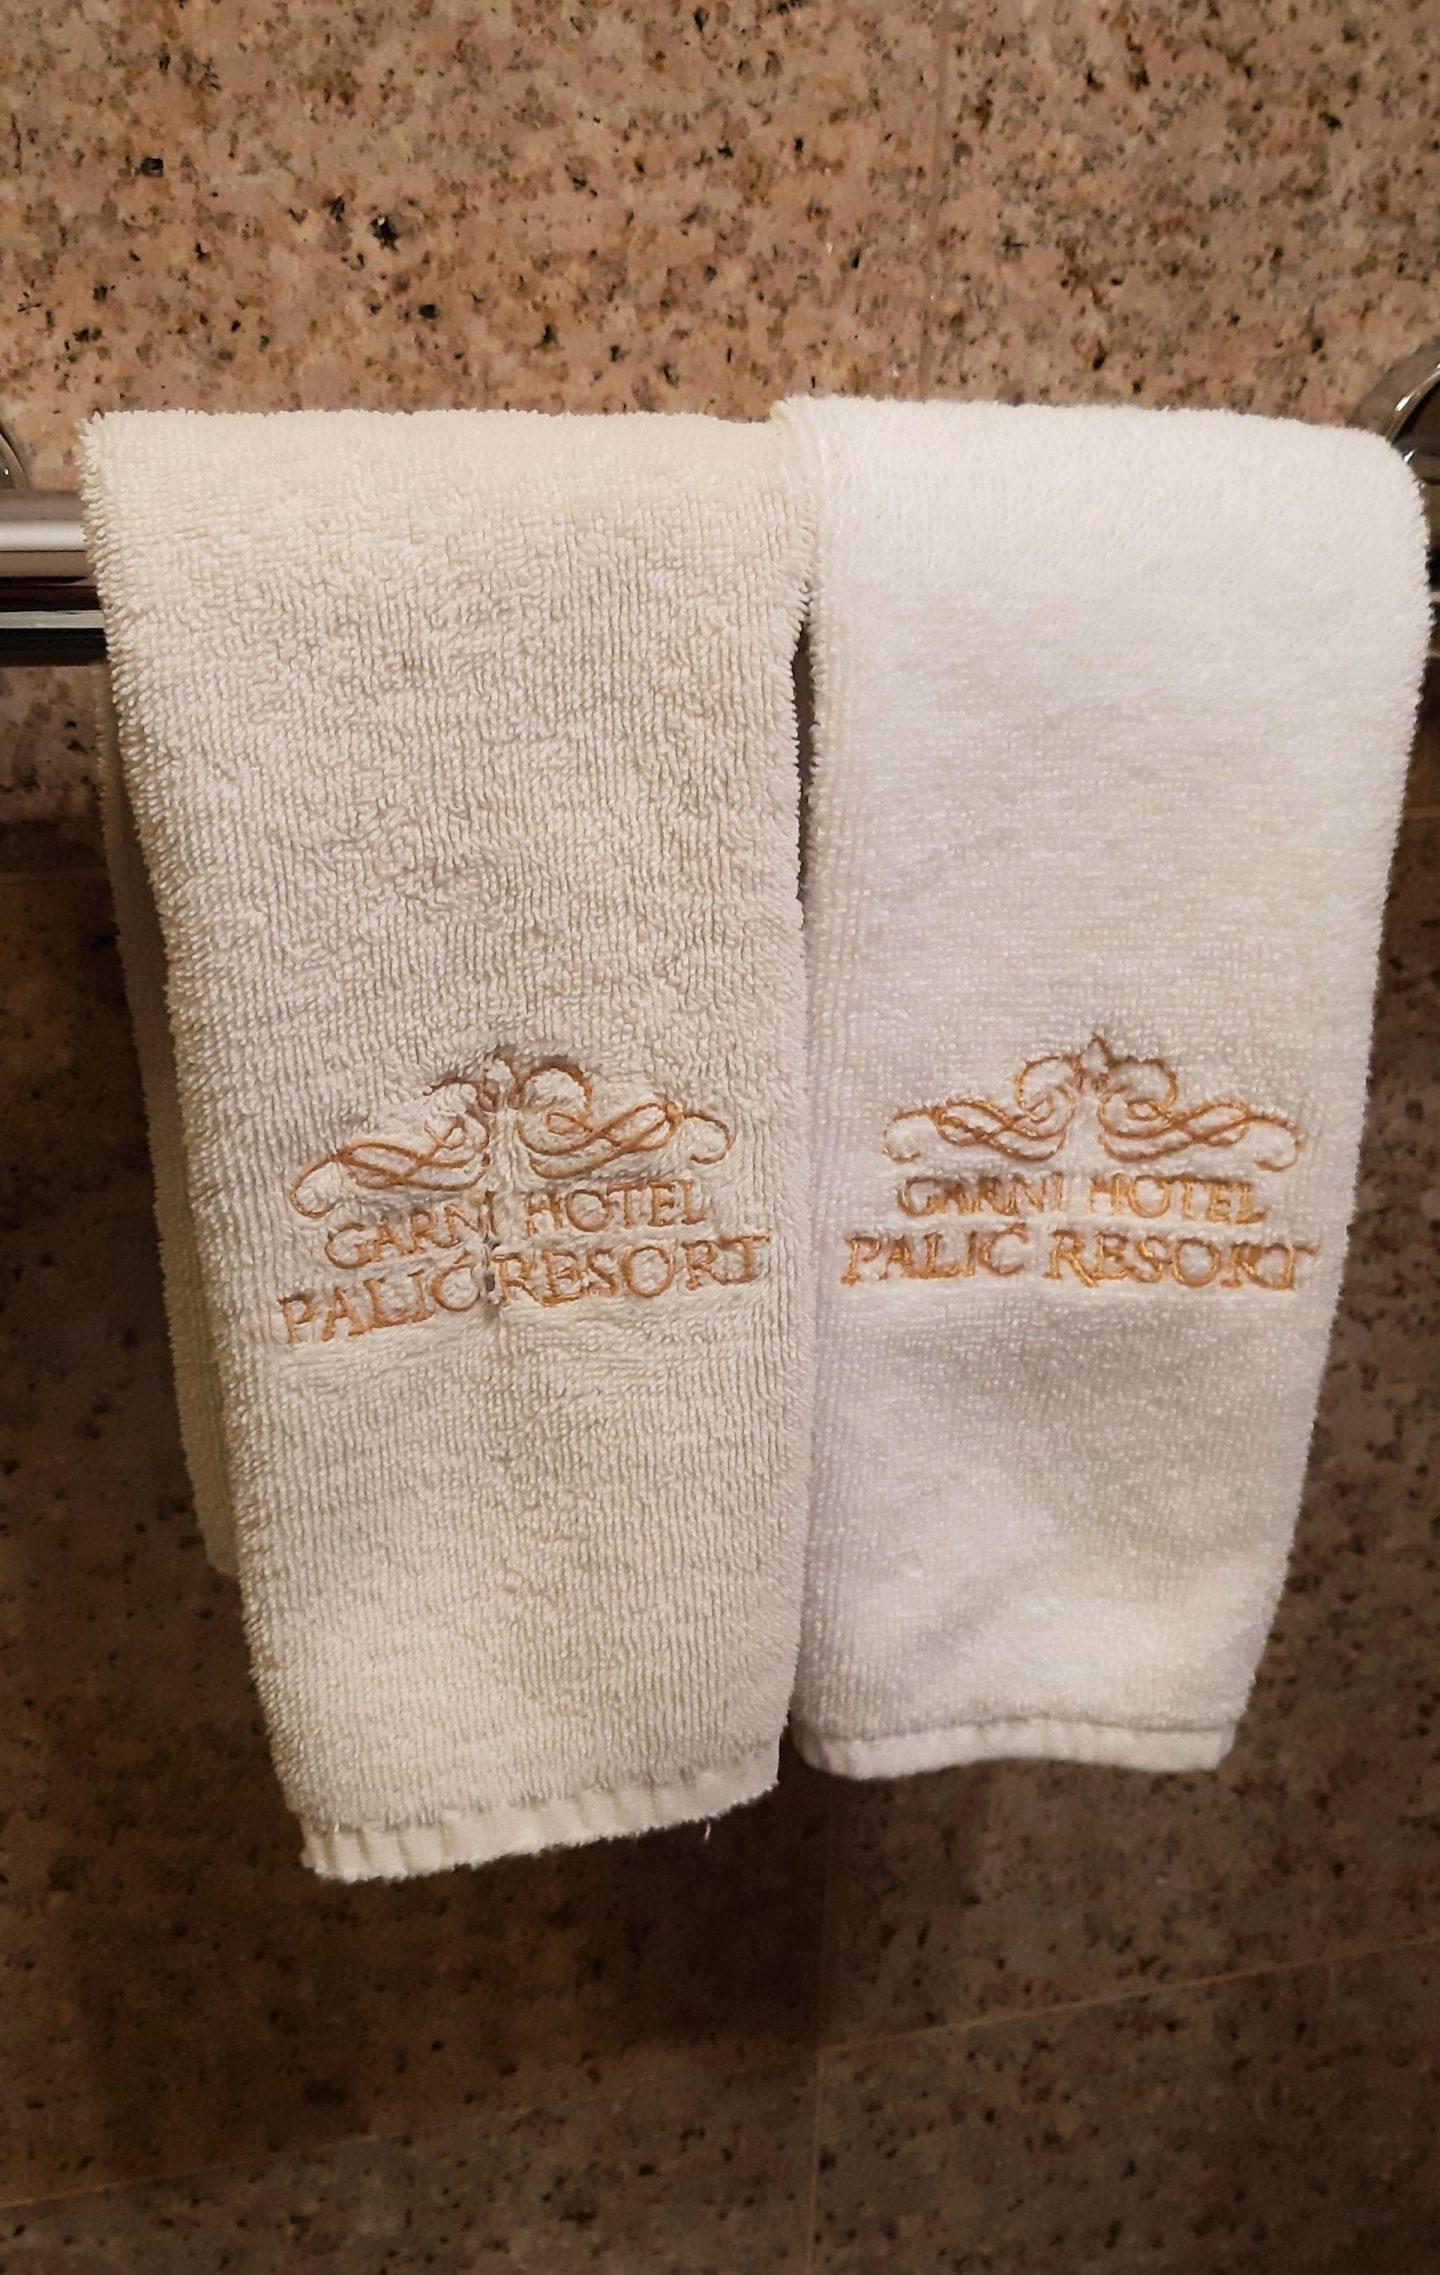 Higijena savršena u hotelu Palić Resort © According to Kristina